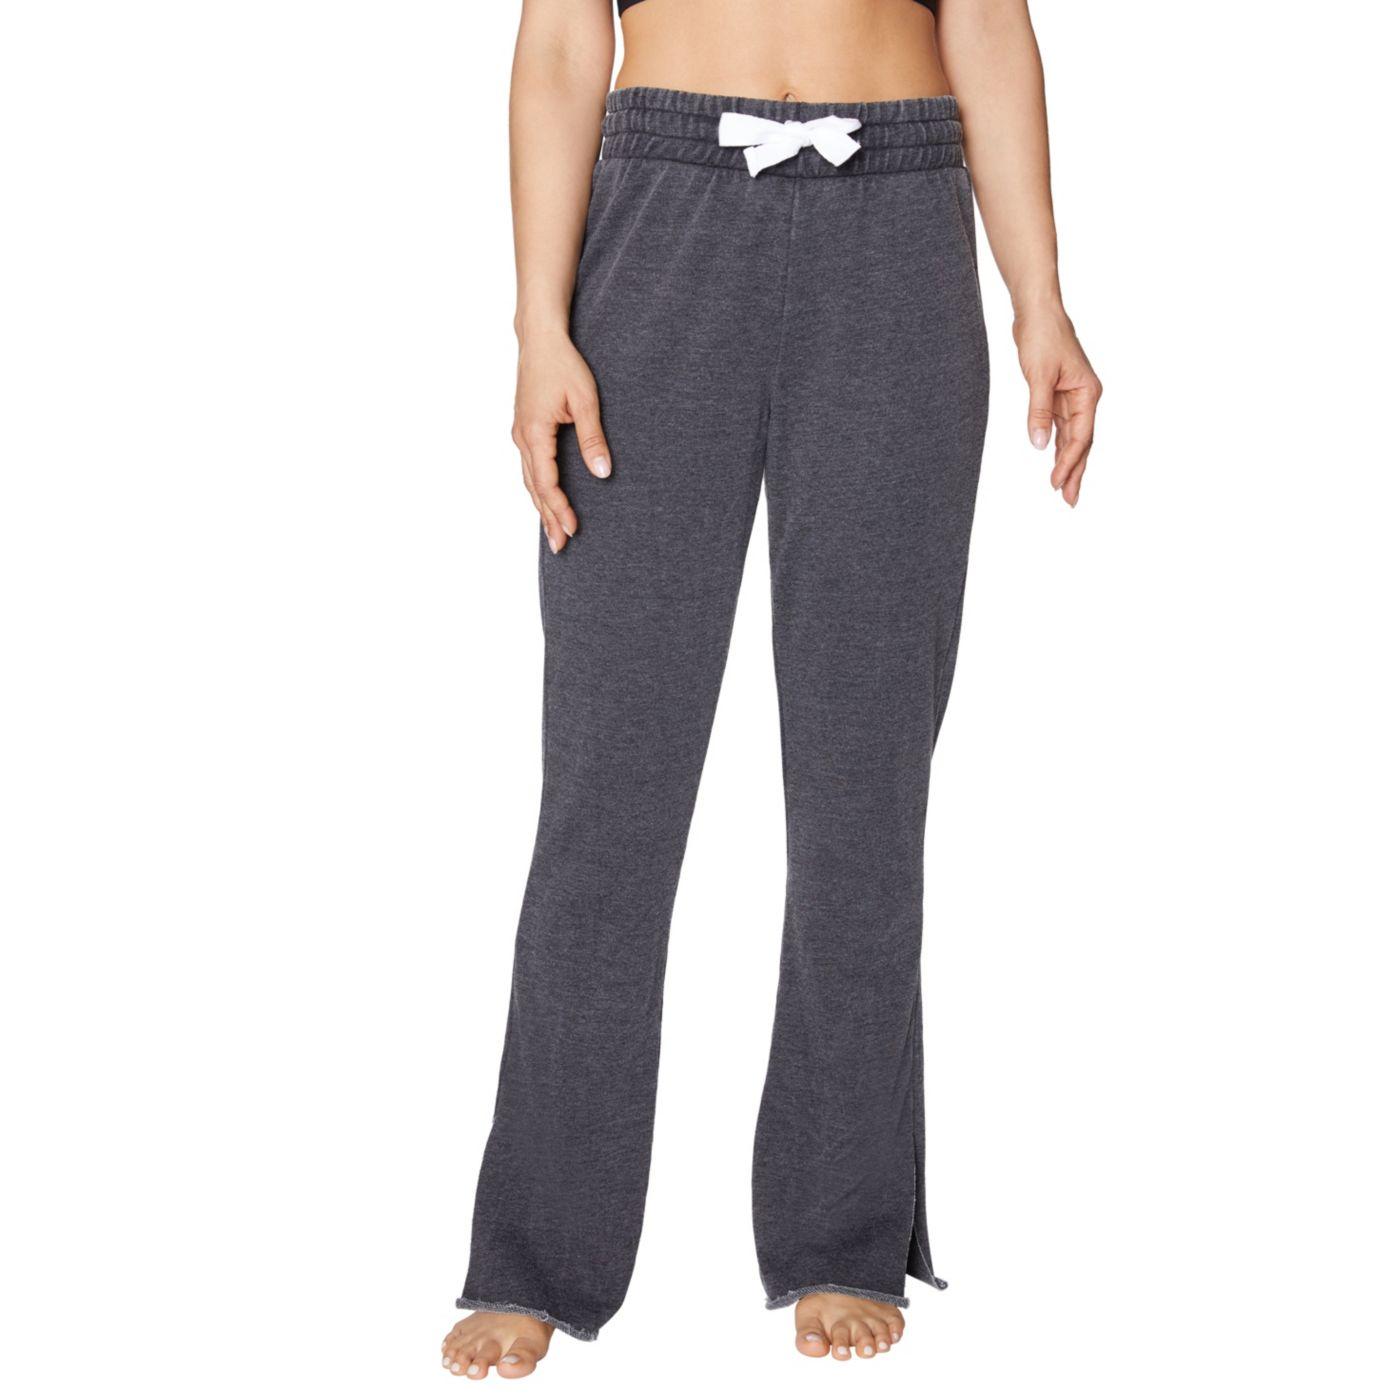 Betsey Johnson Women's Raw Edge Side Slit Tape Pant